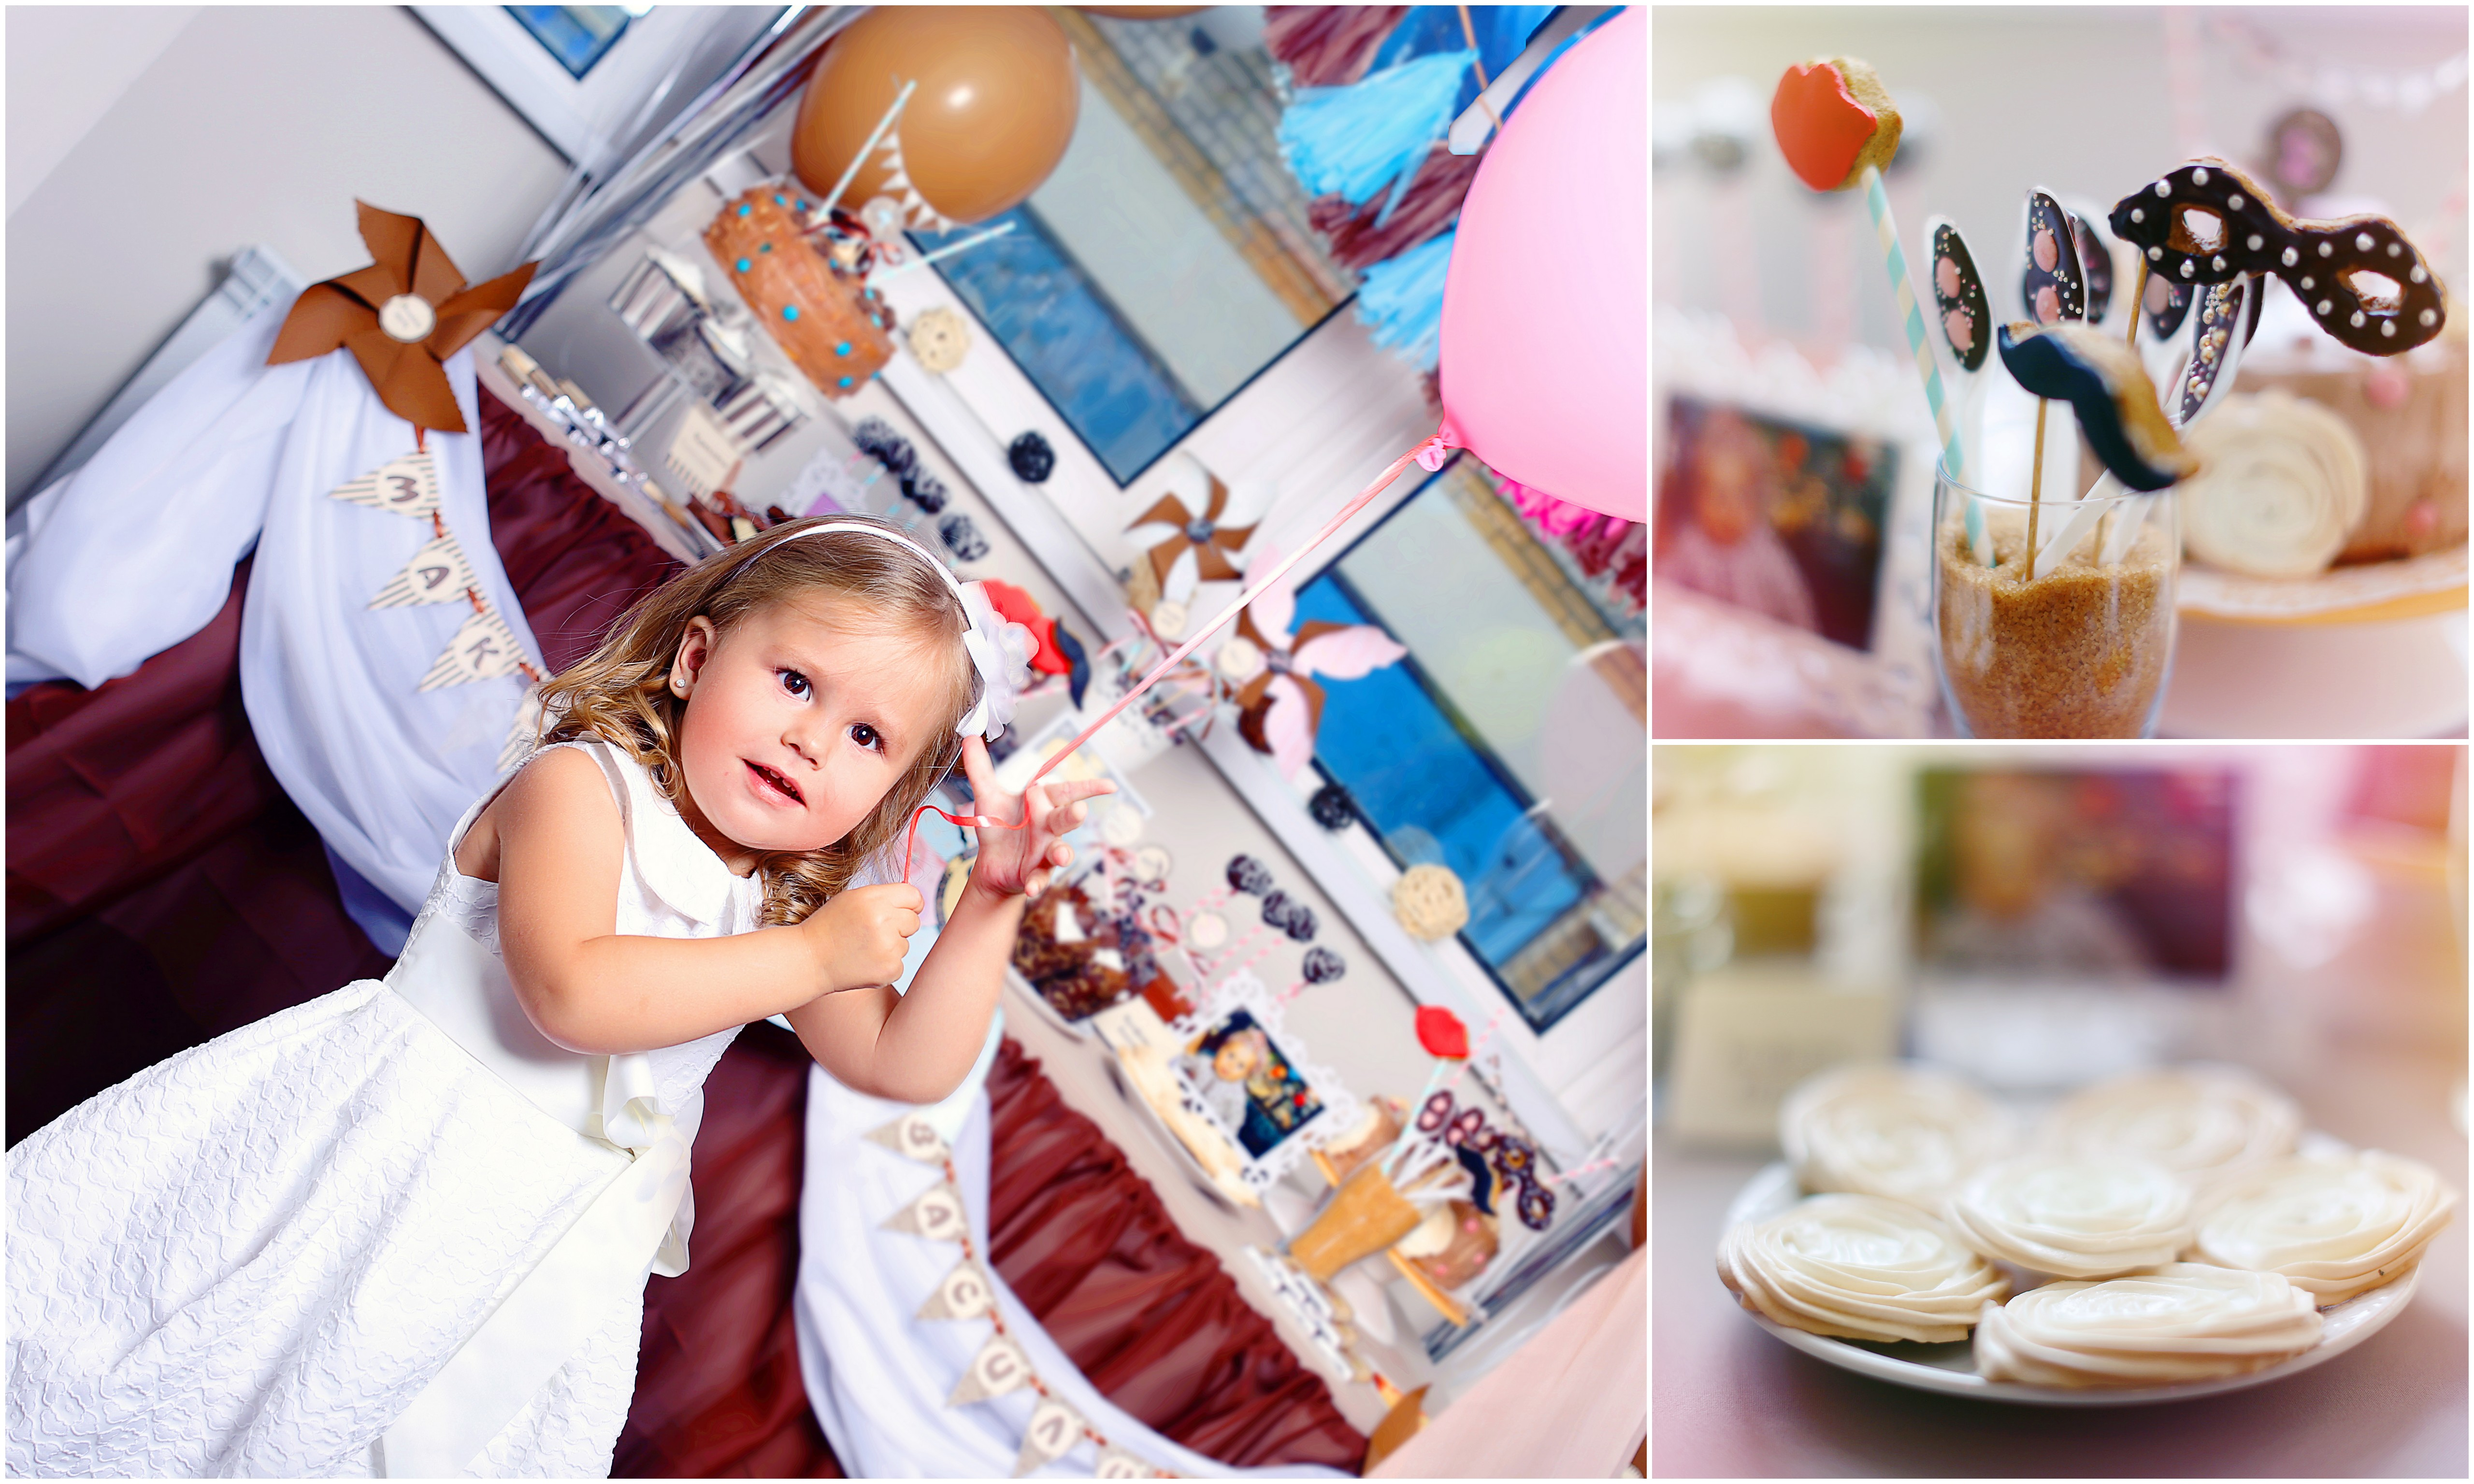 Шоколодная вечеринка, Максим и василиса, августи 2015